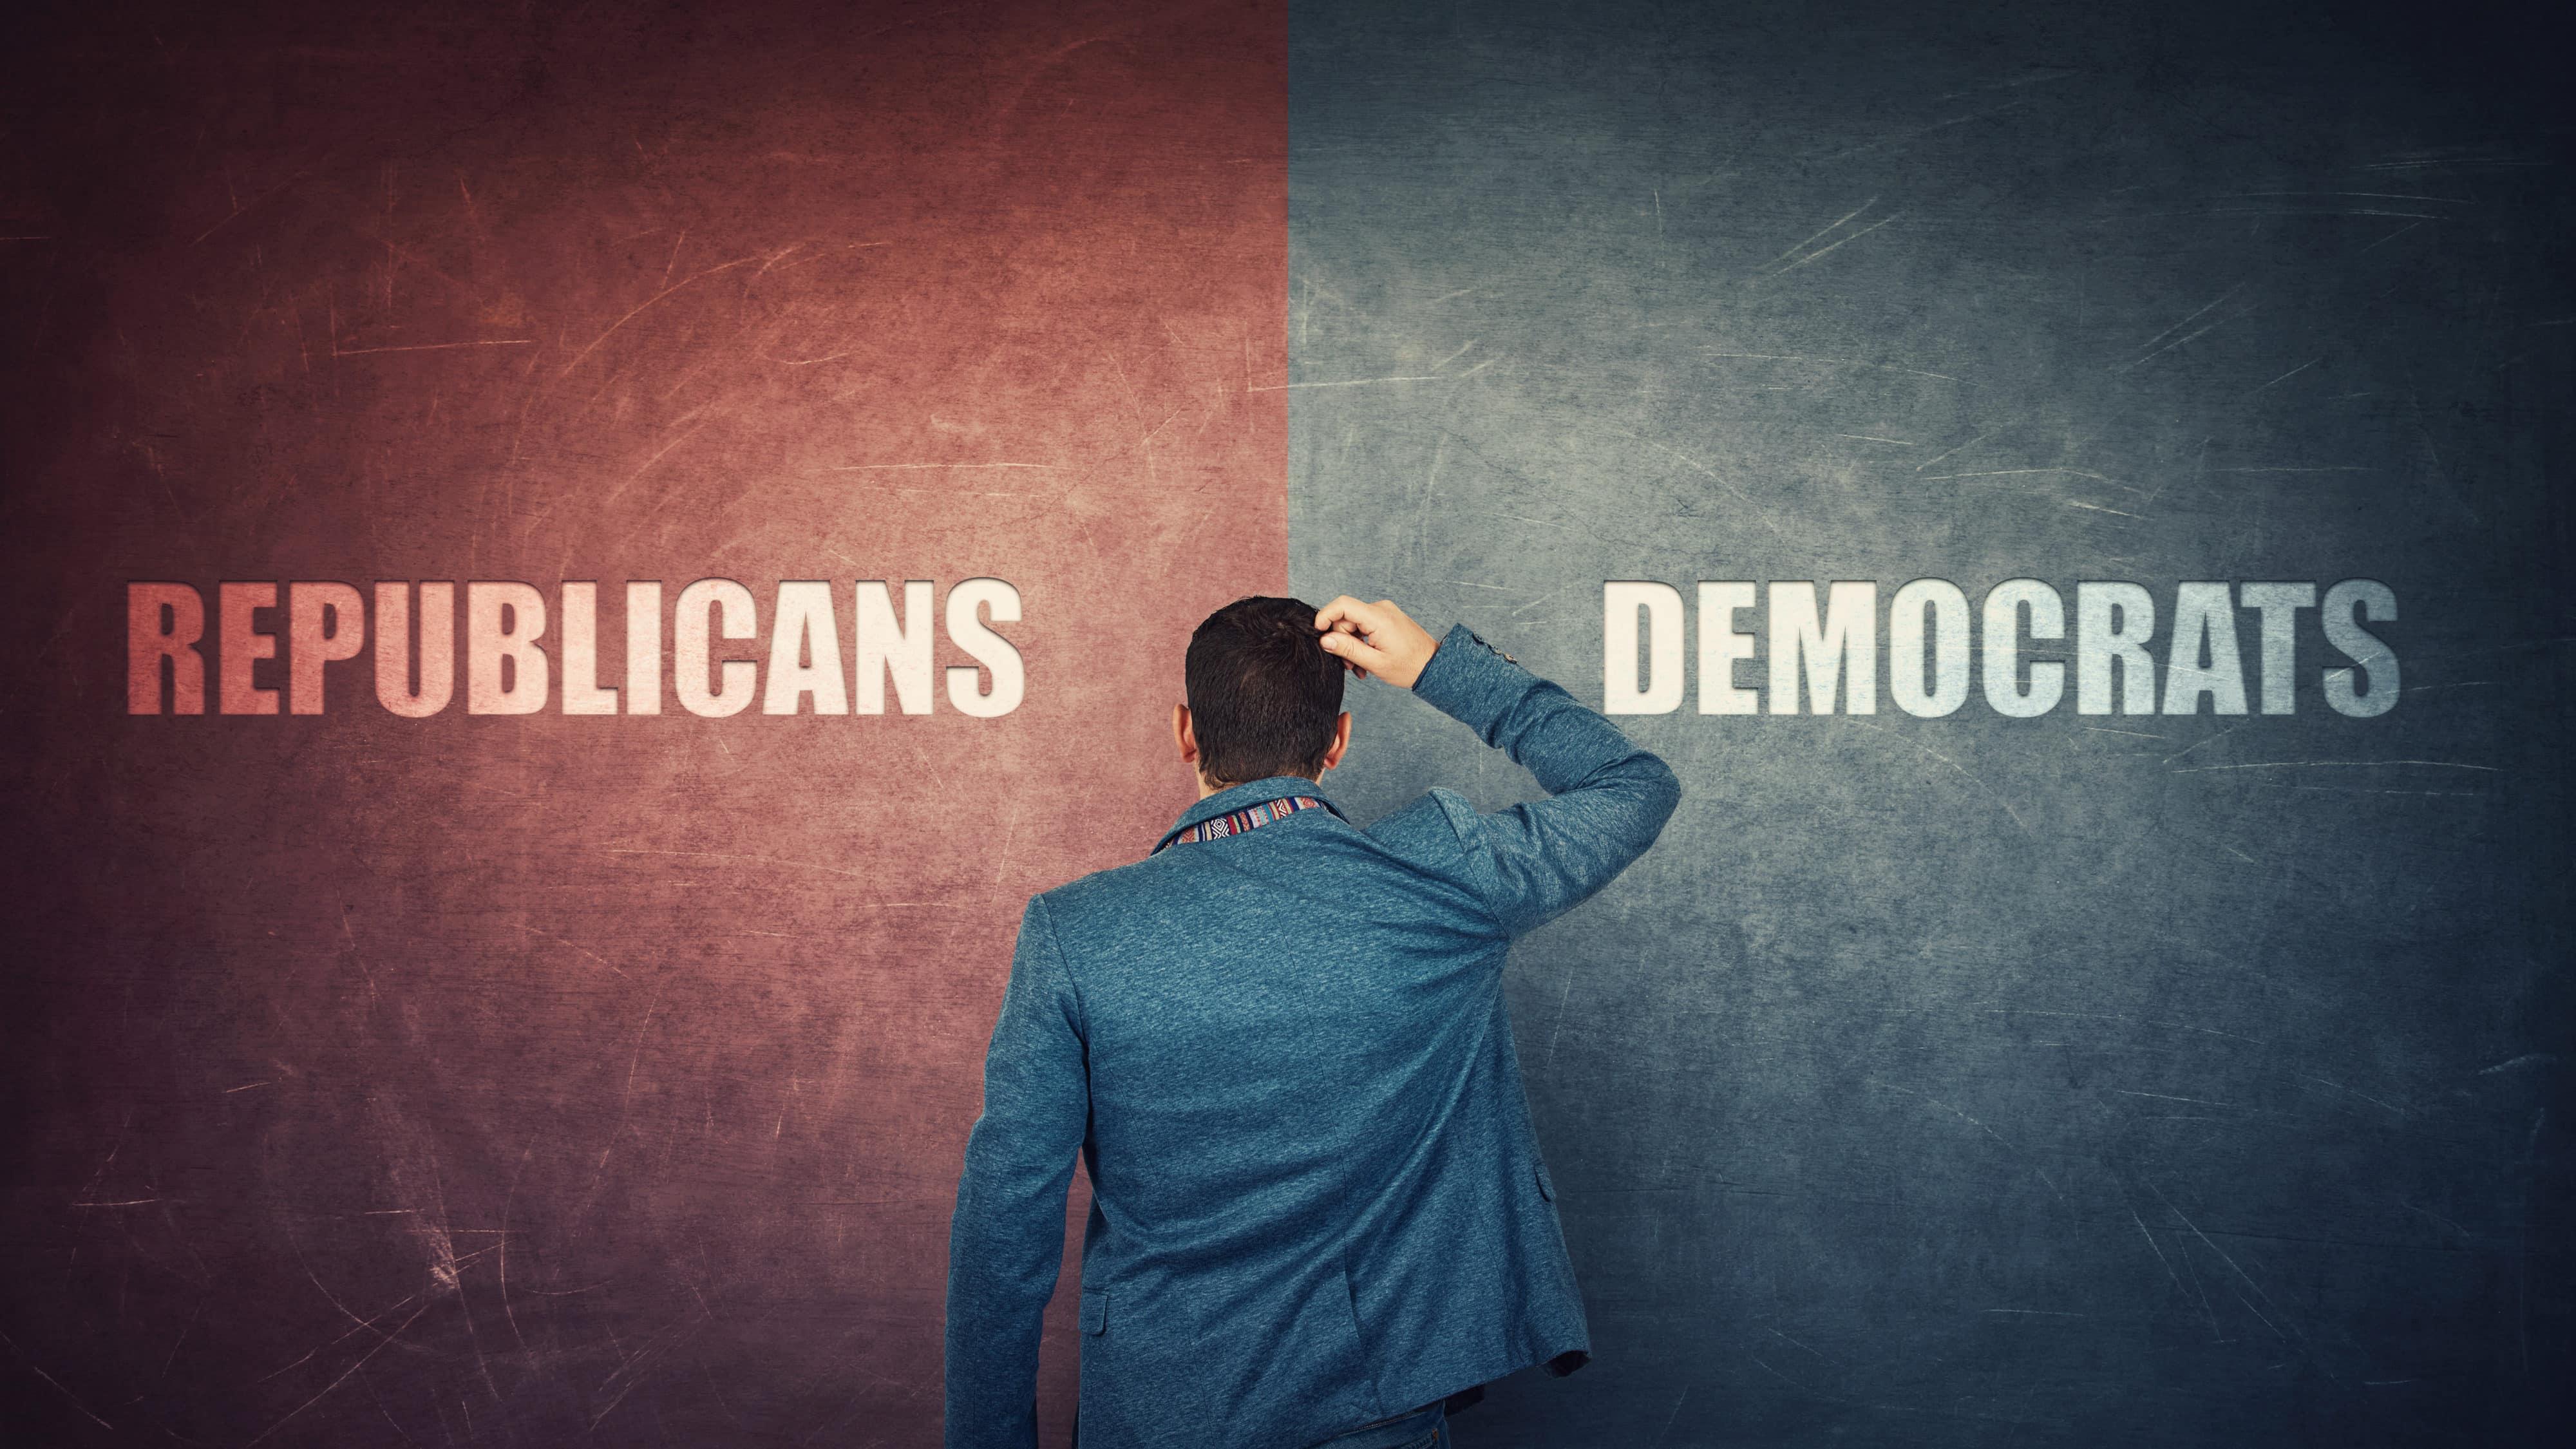 Republicans-vs.-Democrats-2020-4000x2250.jpeg